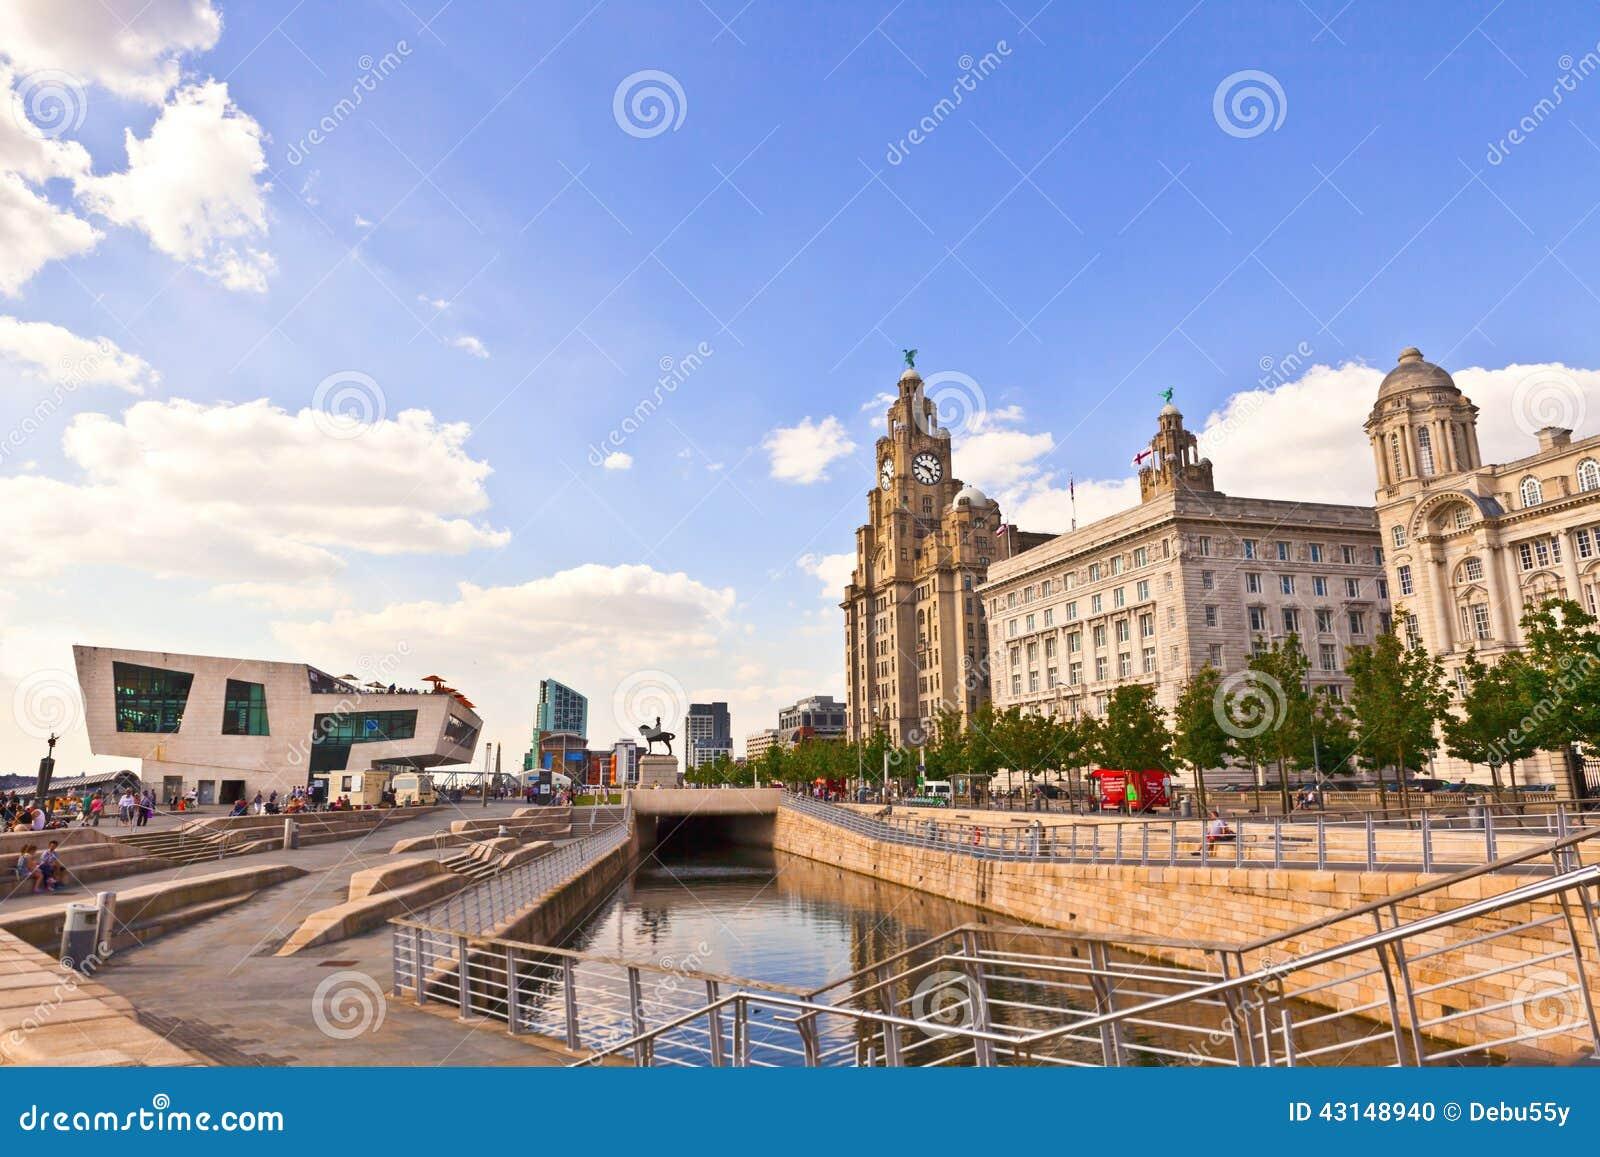 Arquitetura Da Cidade De Liverpool Reino Unido Imagem Editorial Imagem De Reino Liverpool 43148940